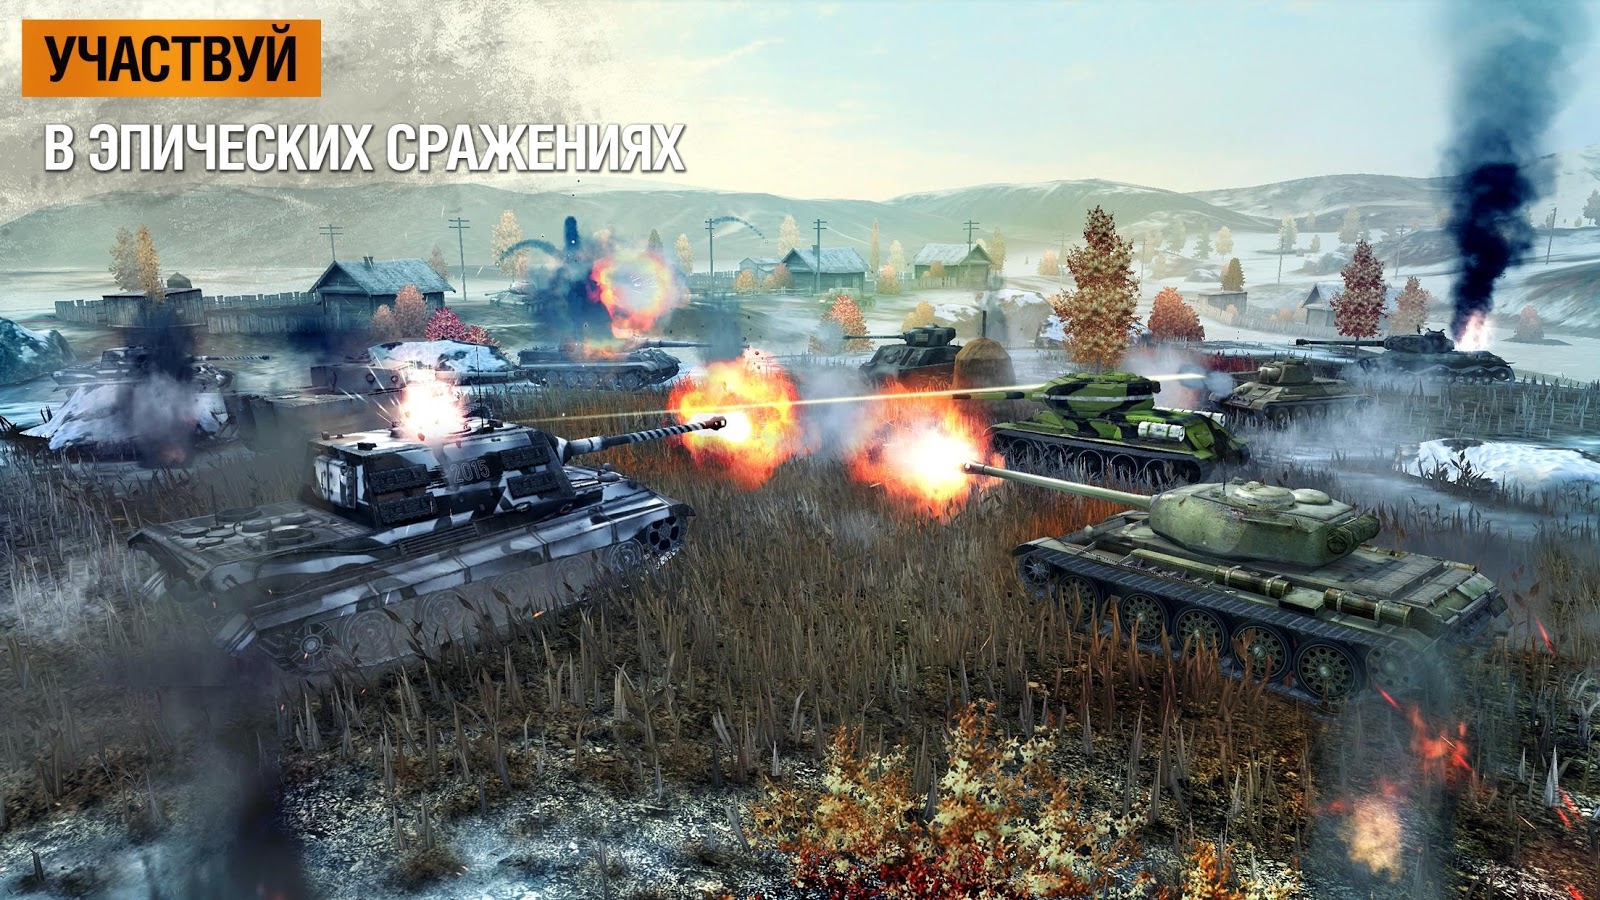 Скачать world of tanks blitz 4. 10. 0. 604 для android.